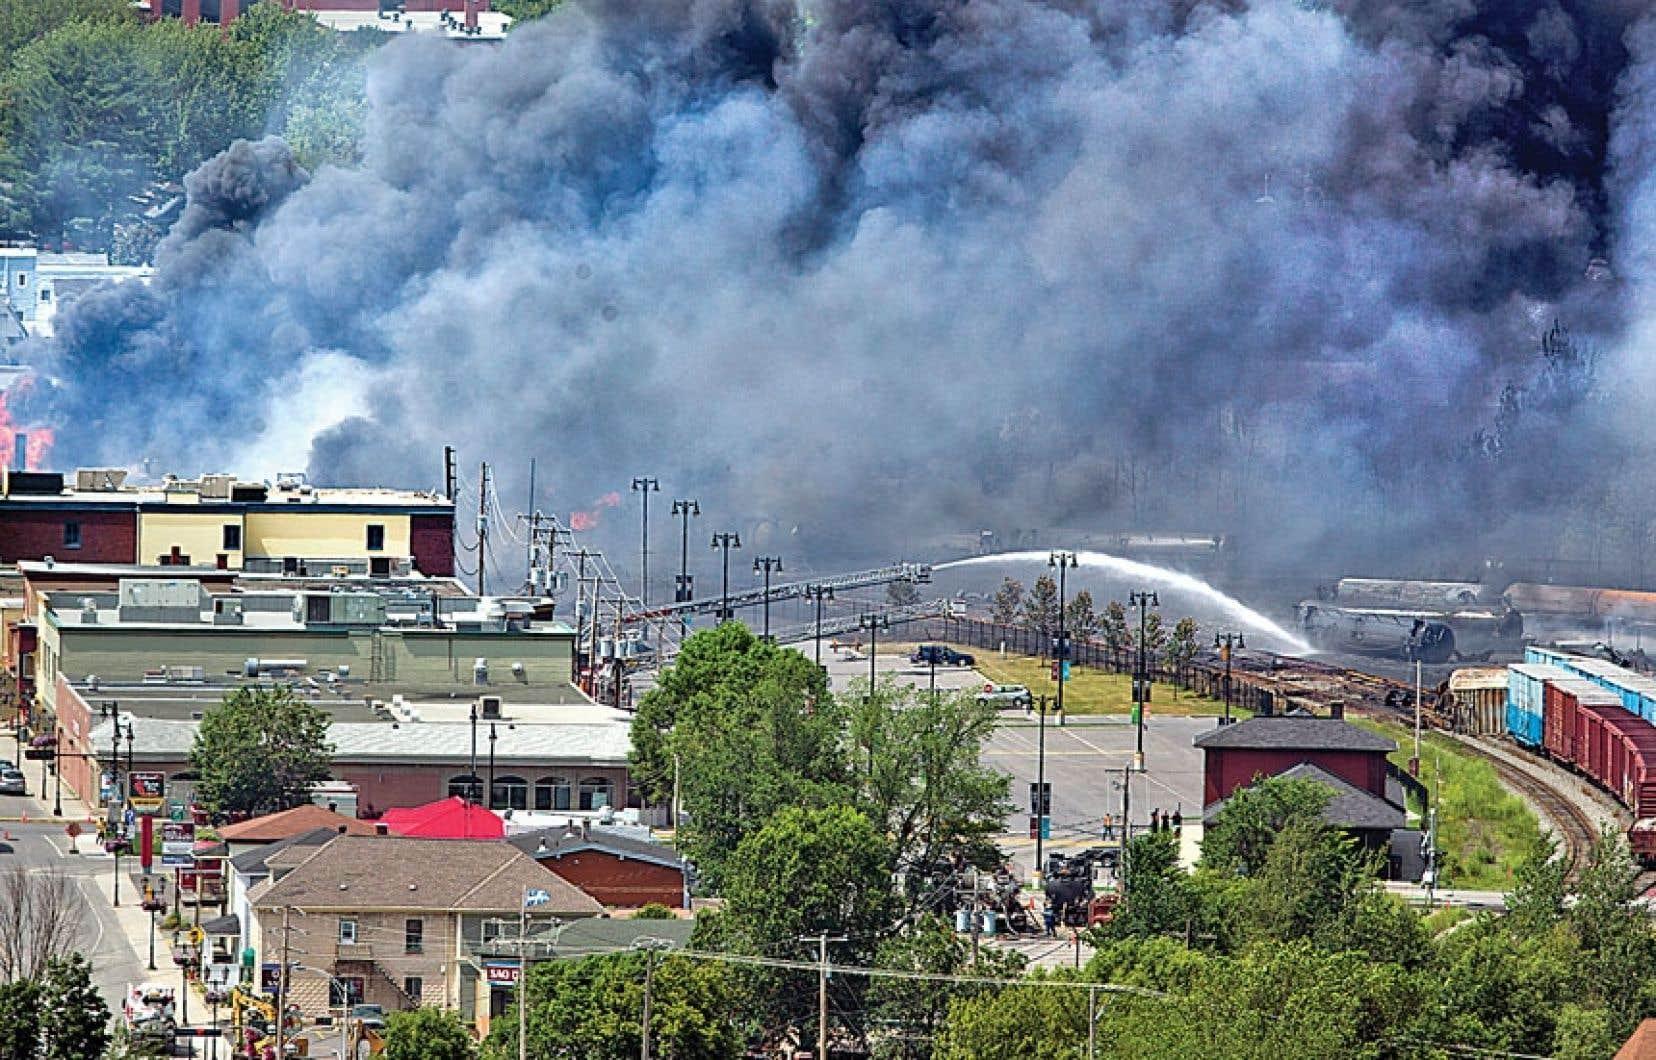 <div> Scène de désolation au centre-ville de Lac-Mégantic samedi matin, à la suite de la catastrophe ferroviaire qui a provoqué la mort d'au moins cinq personnes et la disparition de dizaines d'autres.</div>